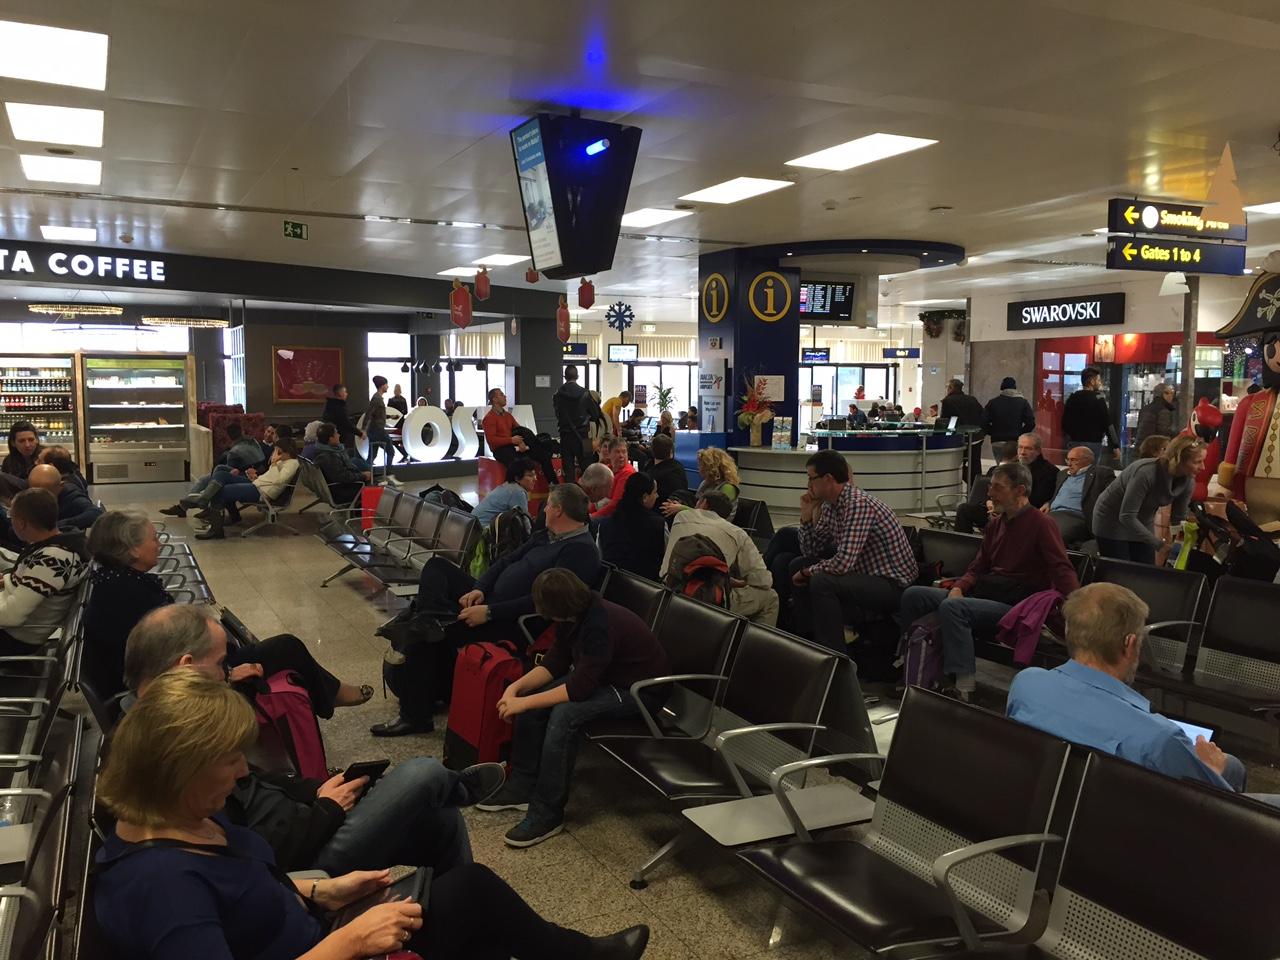 L'odissea dei passeggeri iblei bloccati per dieci ore nell'aeroporto di Malta